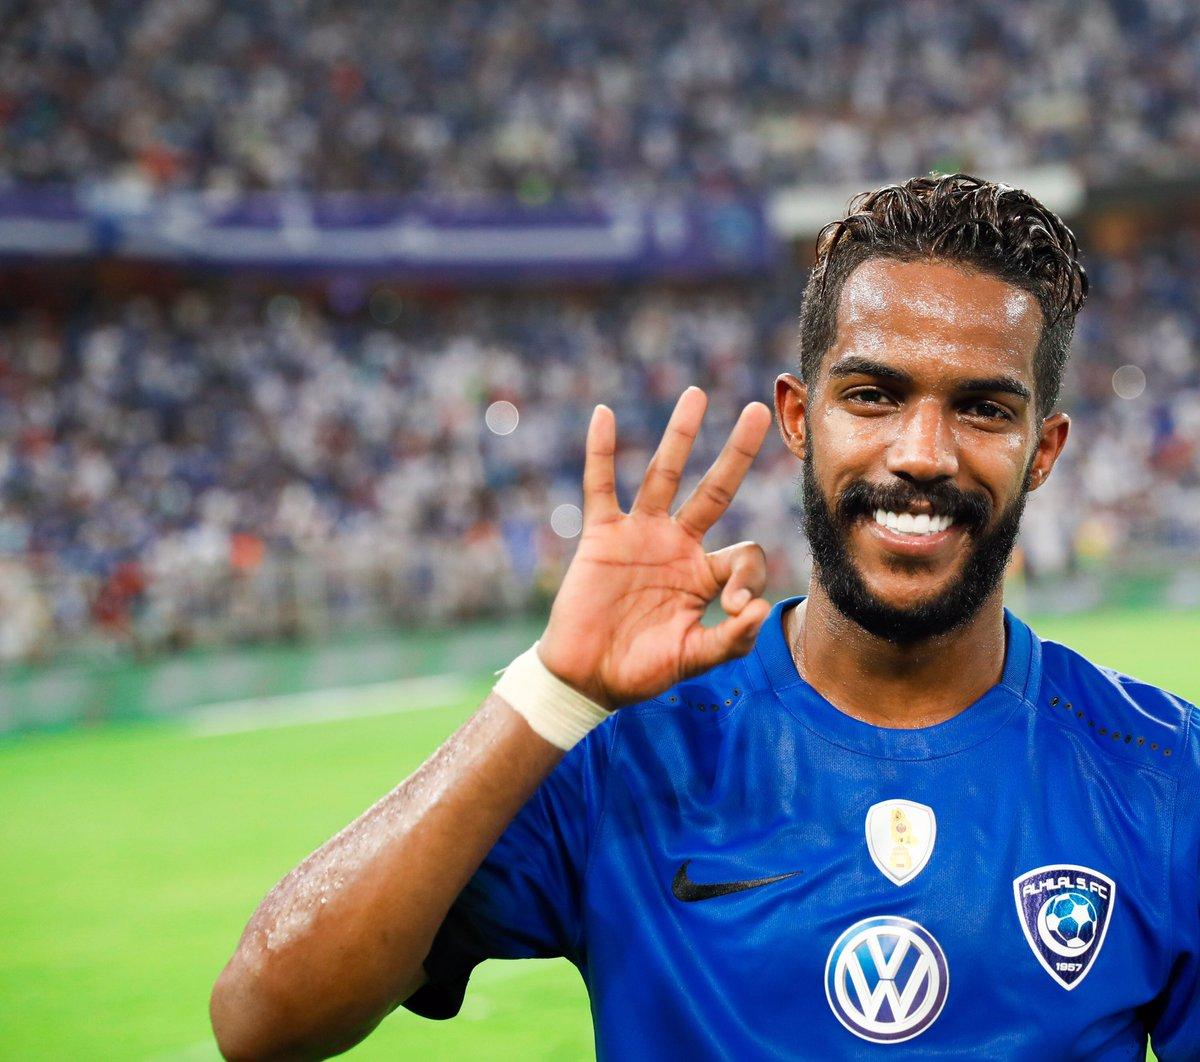 نواف العابد لاعب الهلال والمنتخب السعودي صاحب القميص رقم 10 الخليج لايف Alkhaleej Live